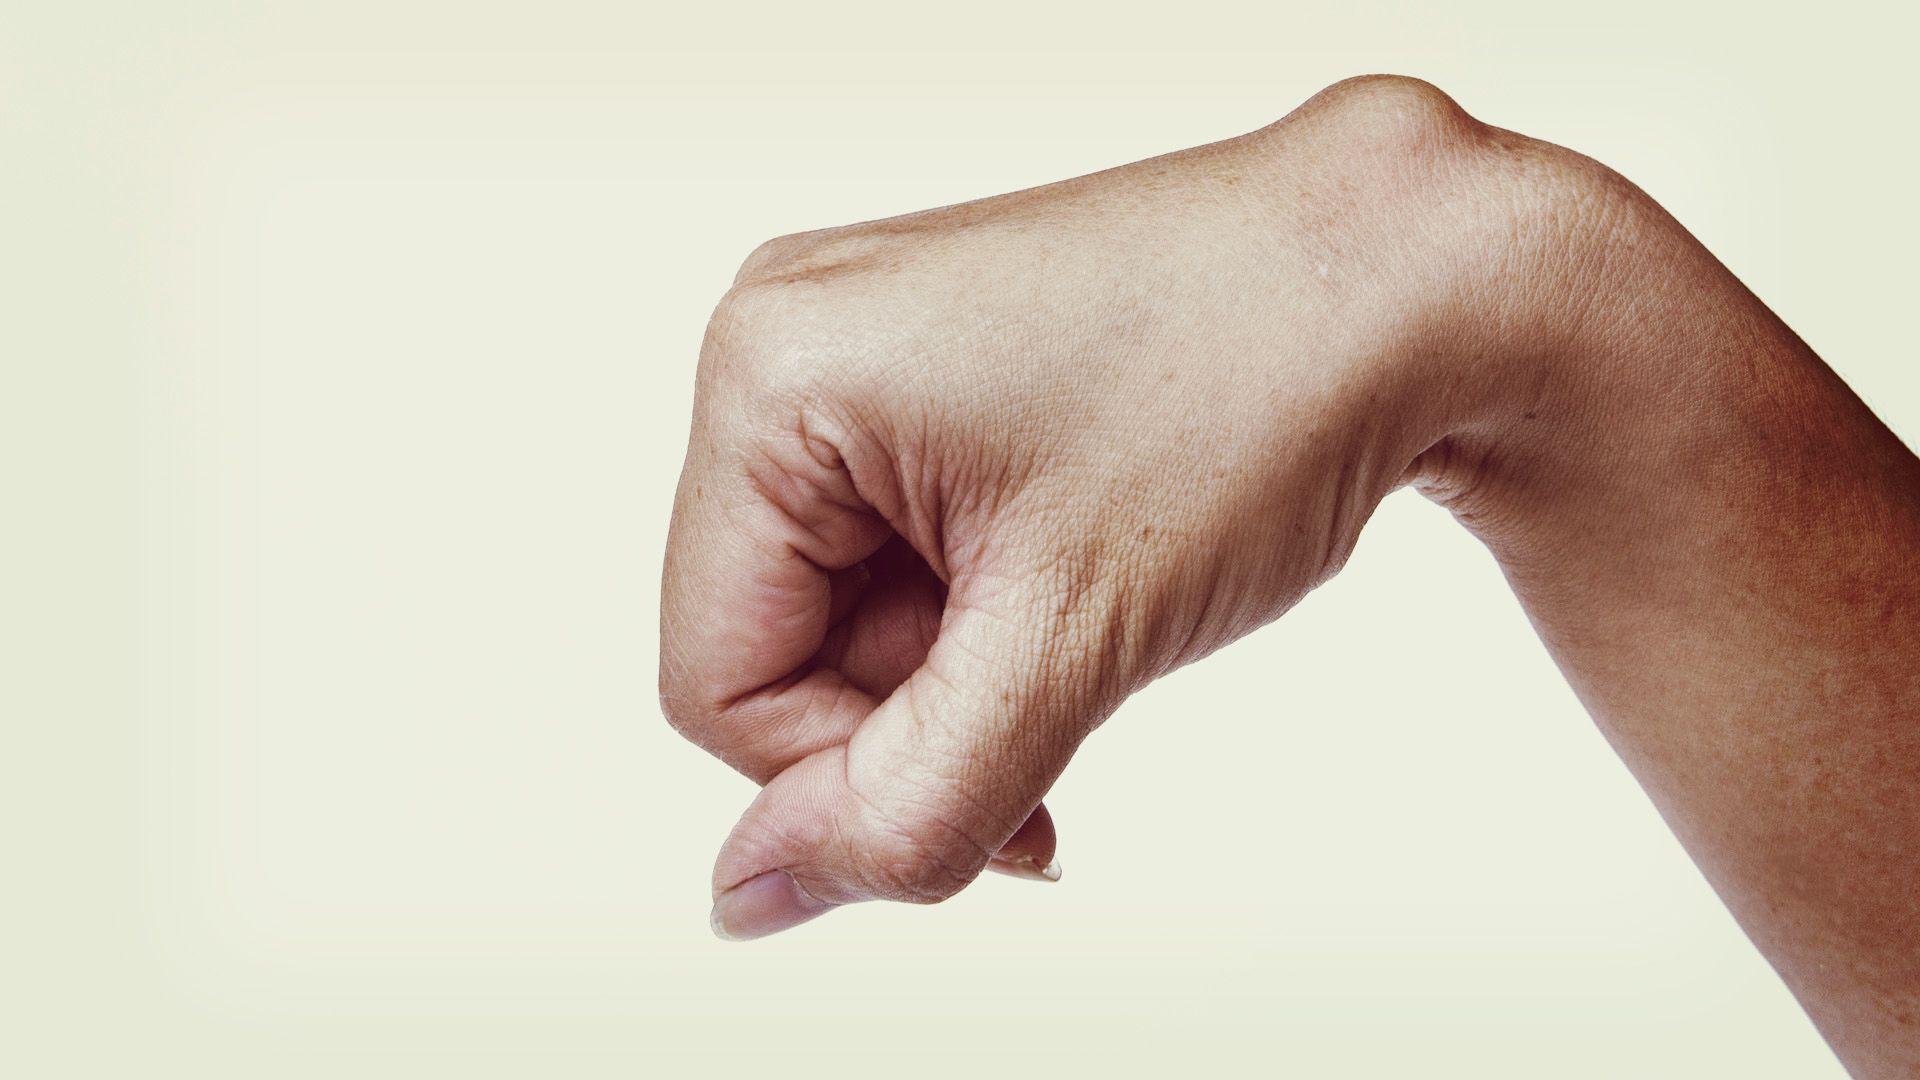 natrol-glükozamin-kondroitin értékelések keserű izületi fájdalom